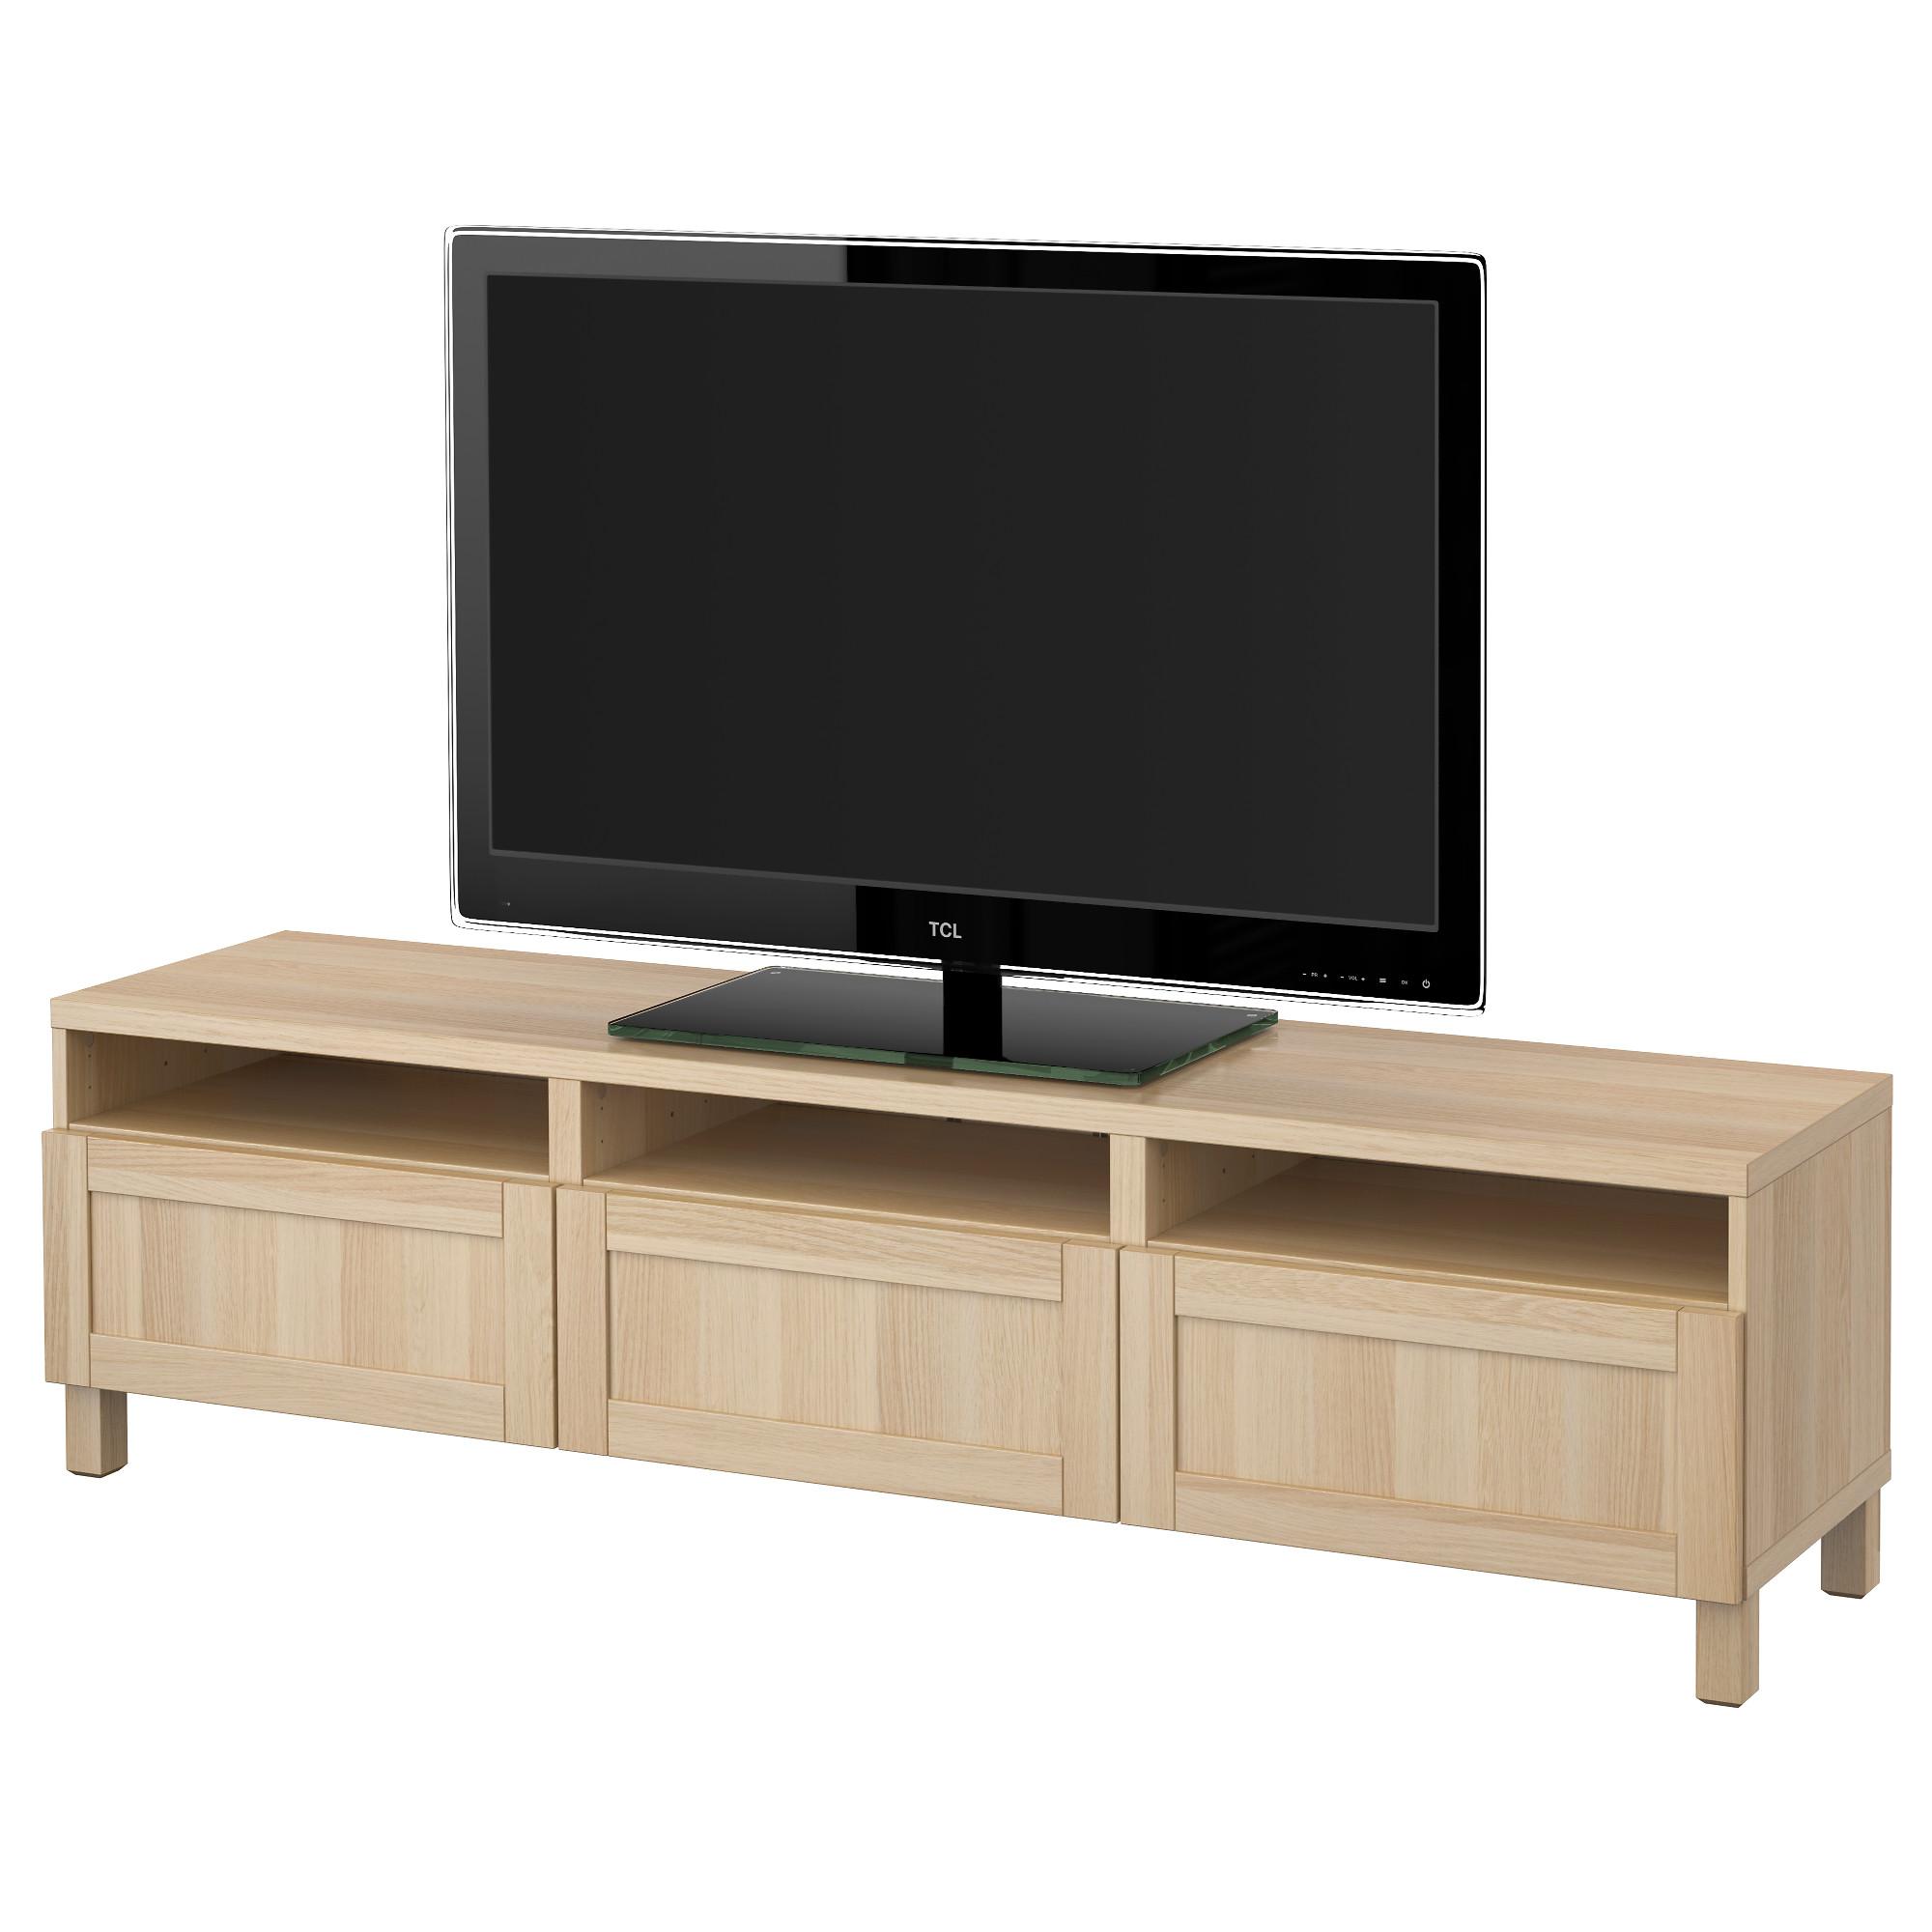 Тумба для ТВ с ящиками БЕСТО, Ханвикен под беленый дуб (180x40x48 см)